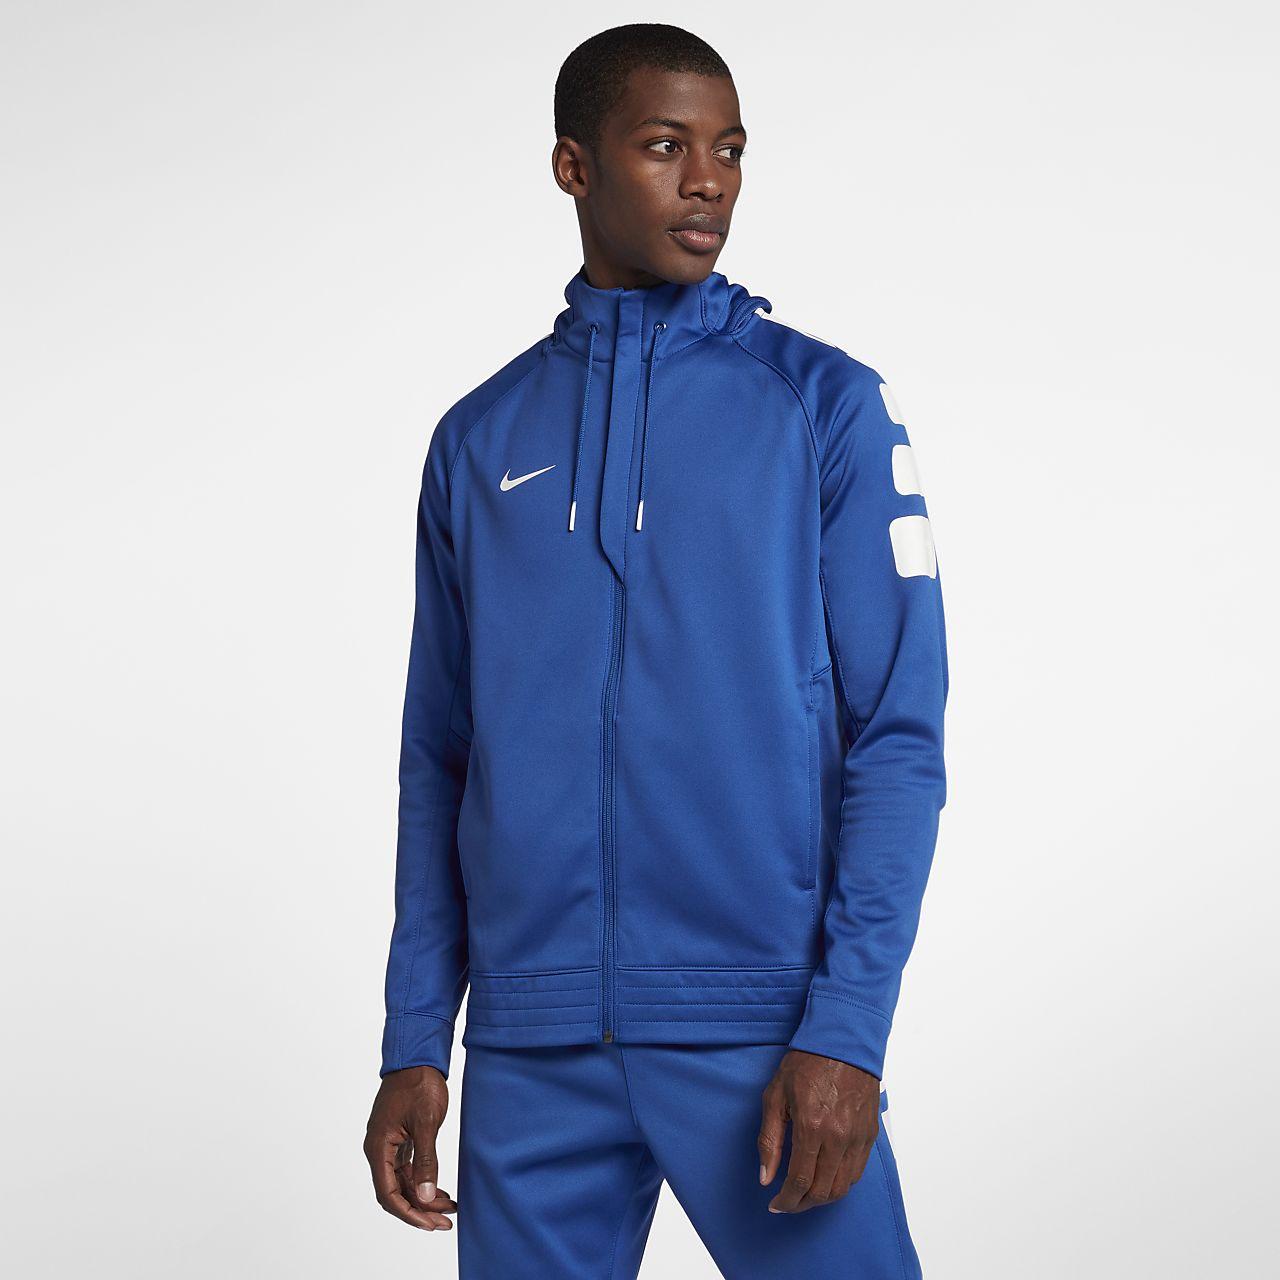 Nike Therma Elite Men's Basketball Hoodie